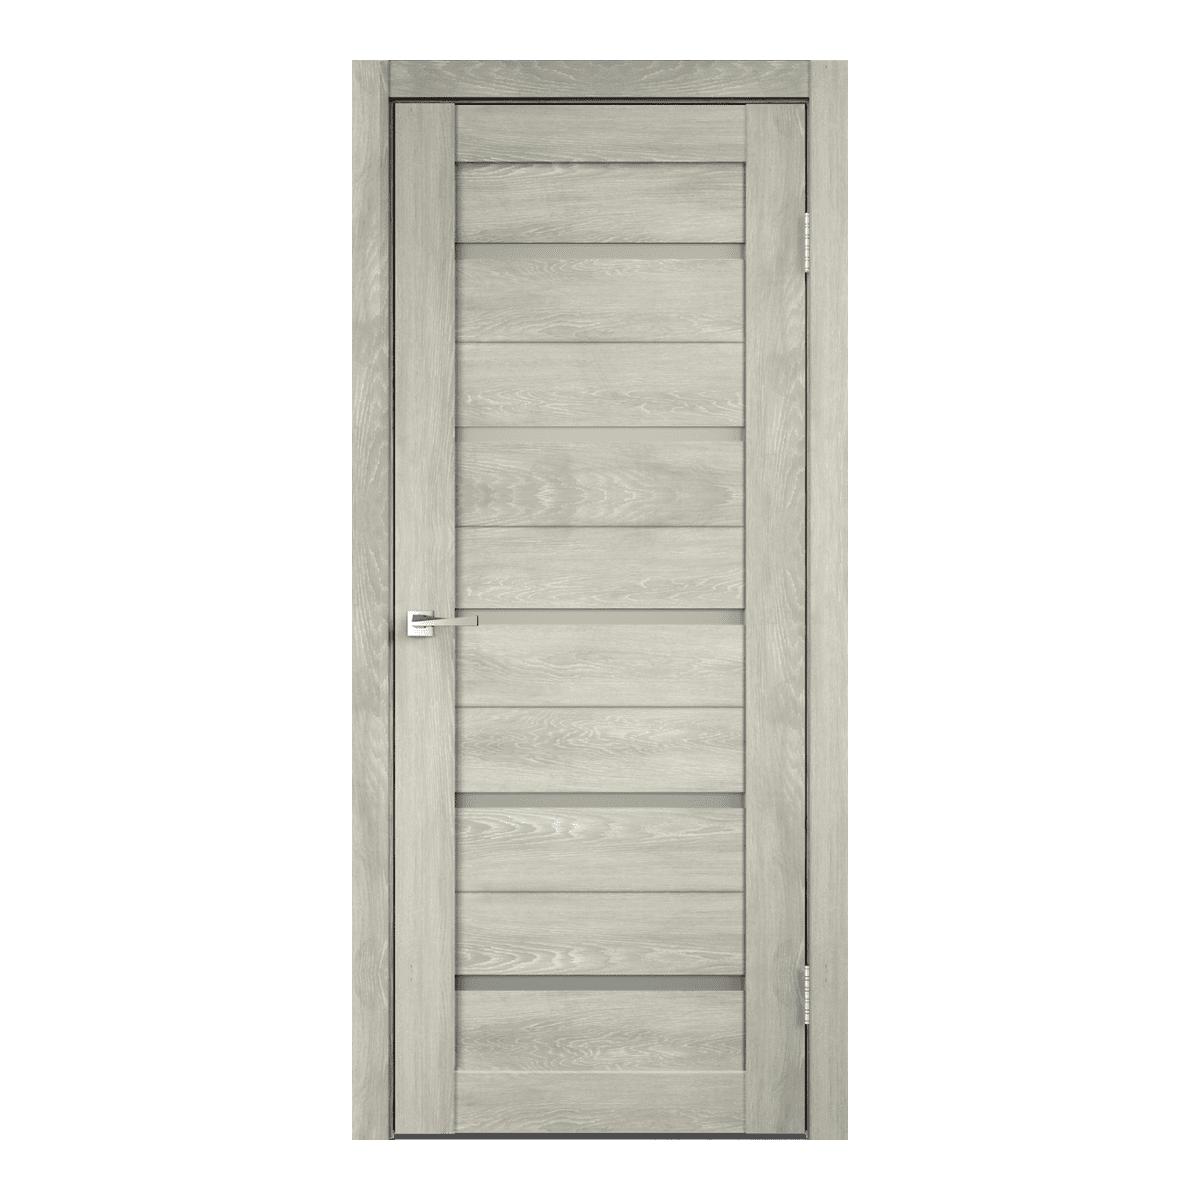 Дверное полотно Duplex ПО Мателюкс 700*2000 дуб шале седой